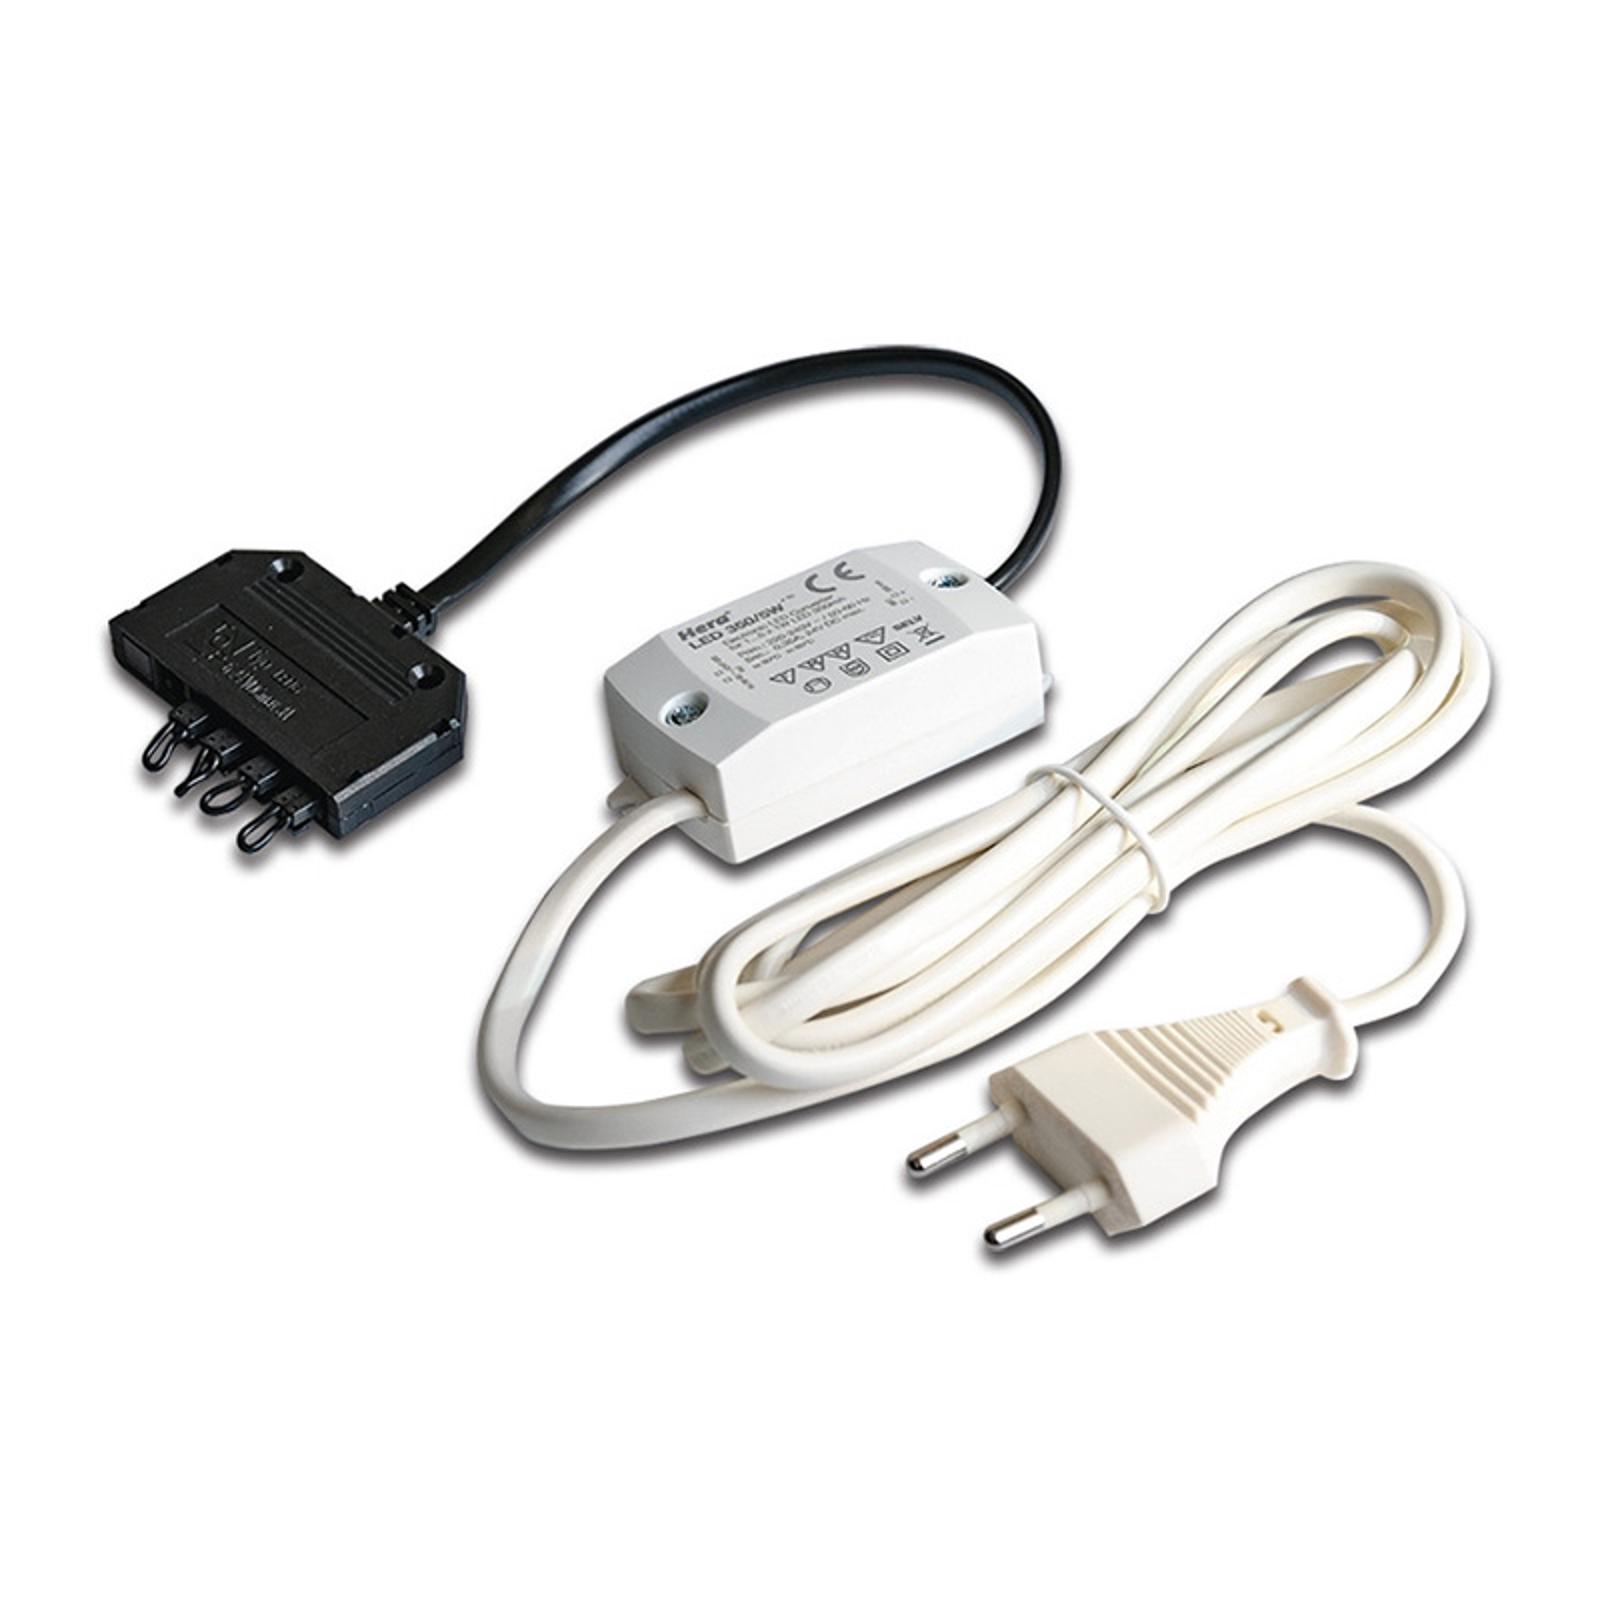 Trafo LED 350mA/5W mit 5fach-Verteiler